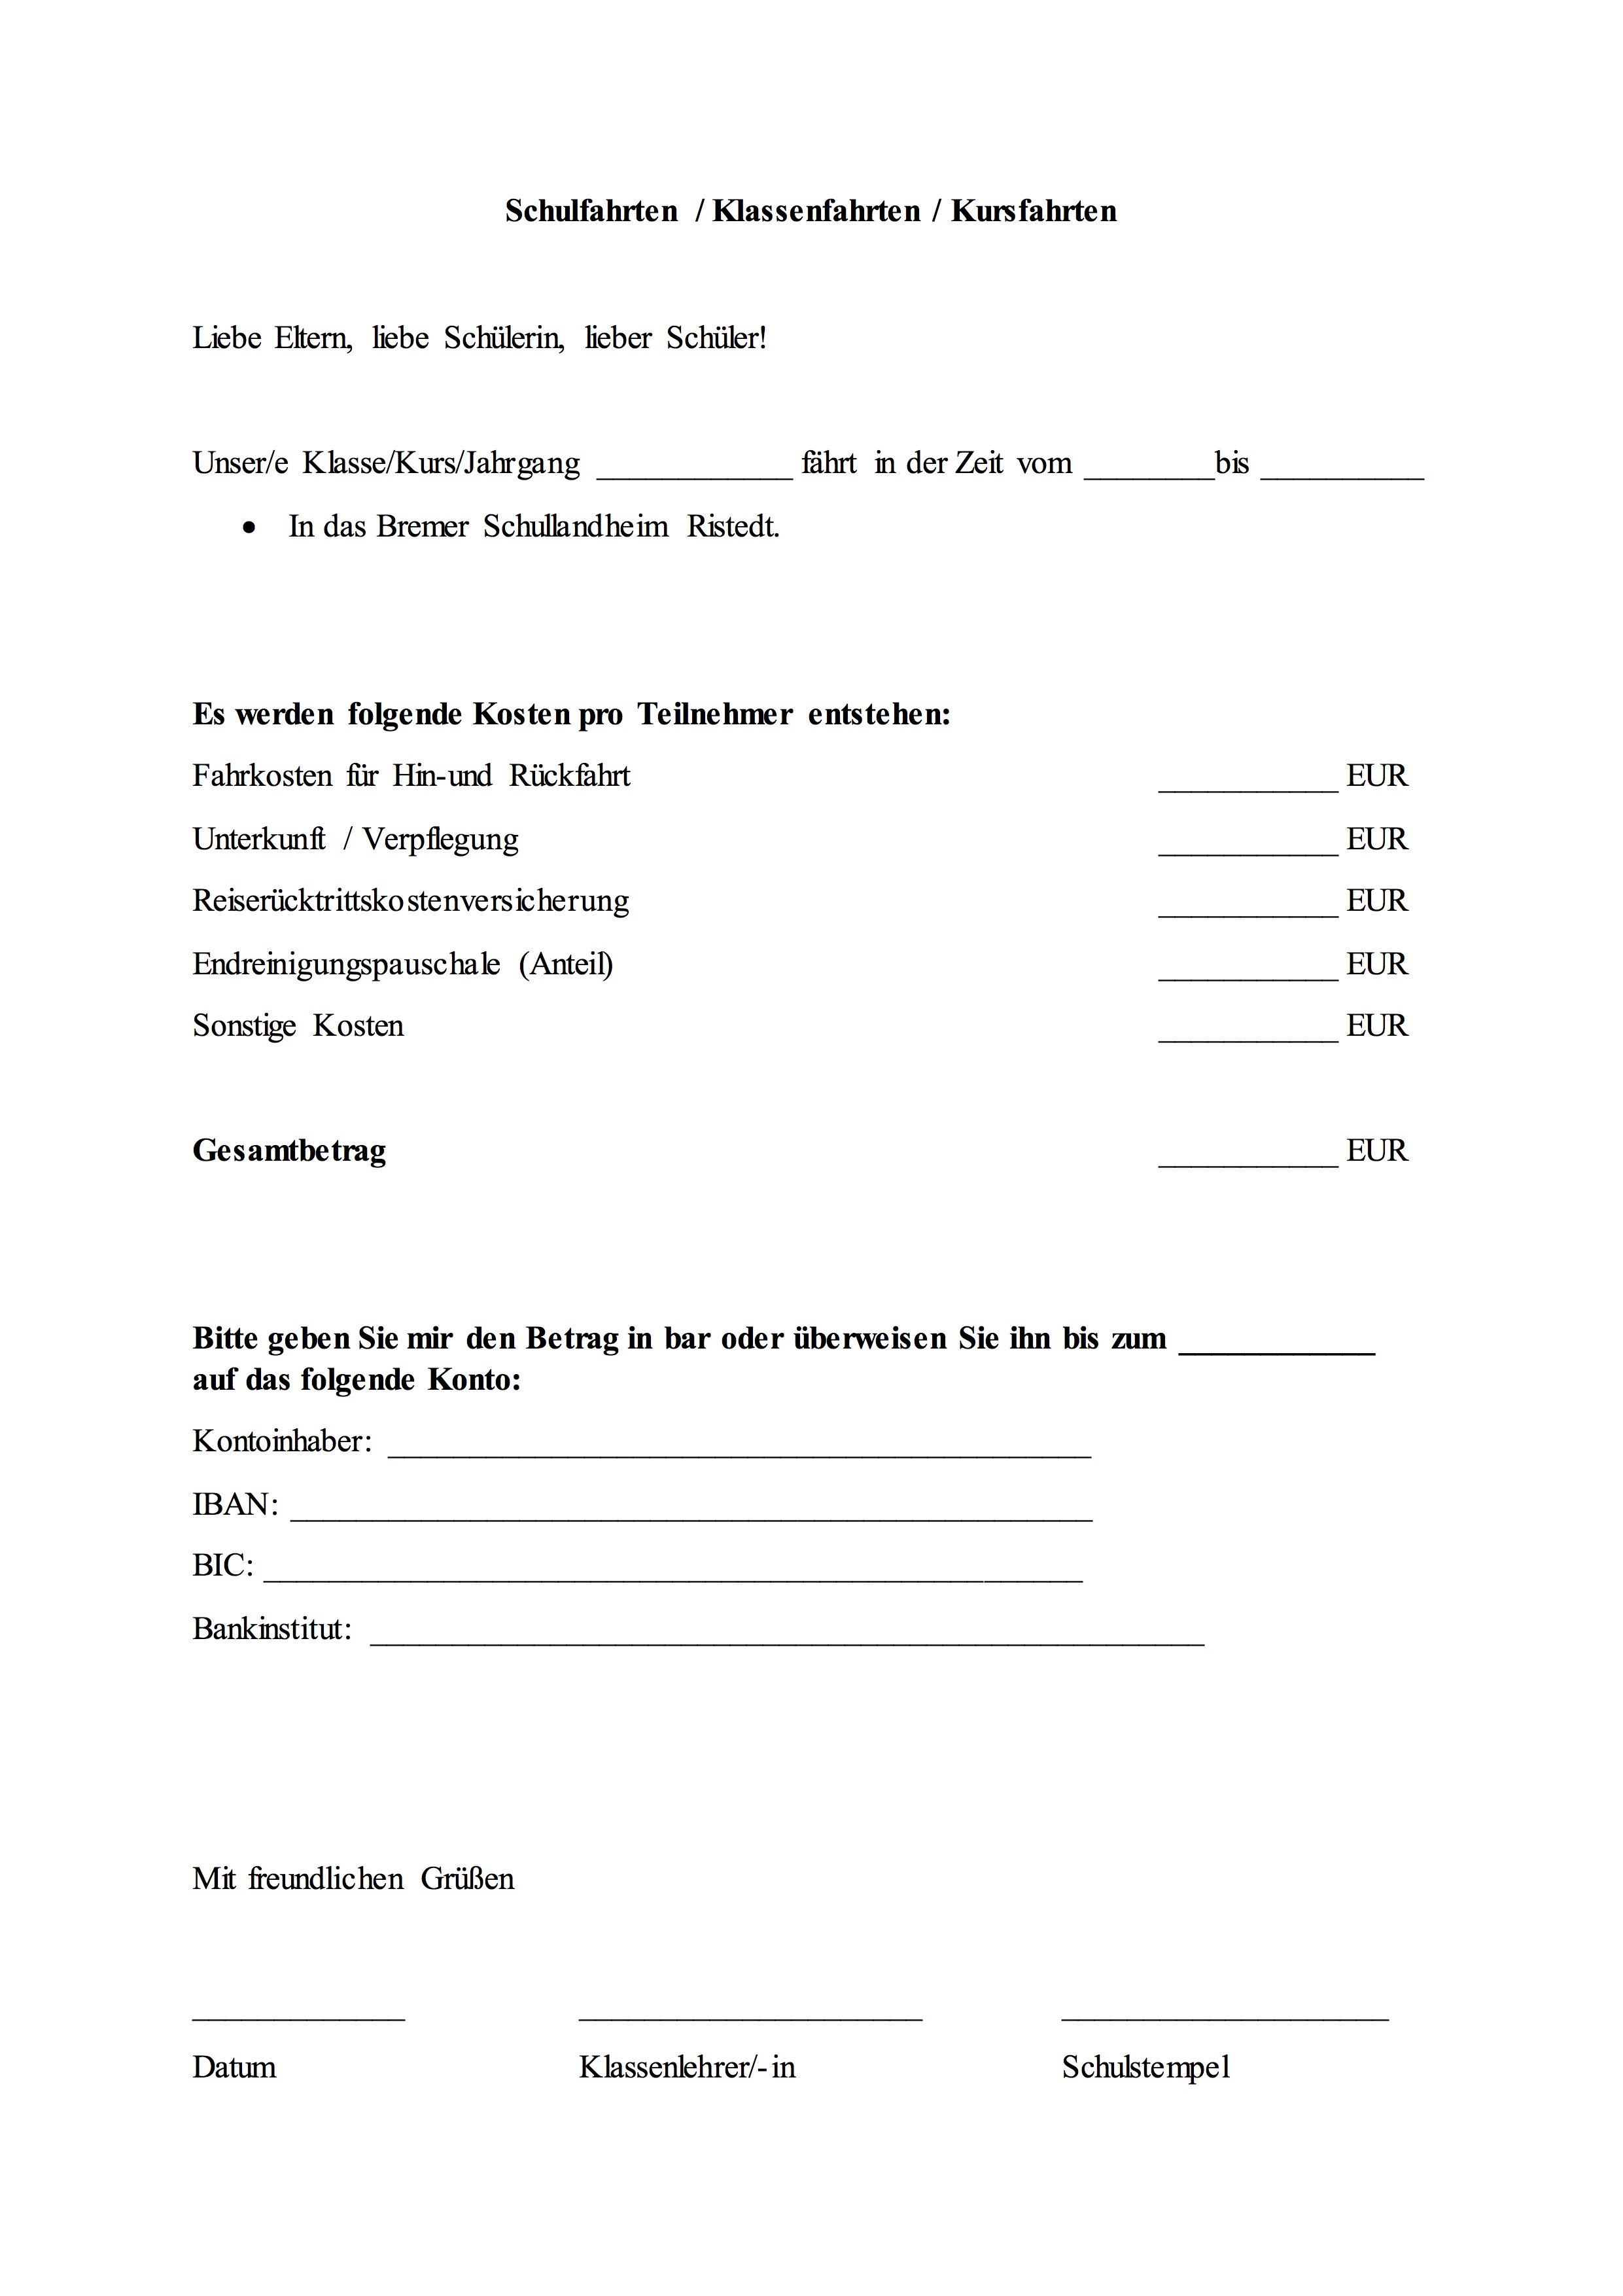 anmeldeformular_fuer_klassenfahrten-2